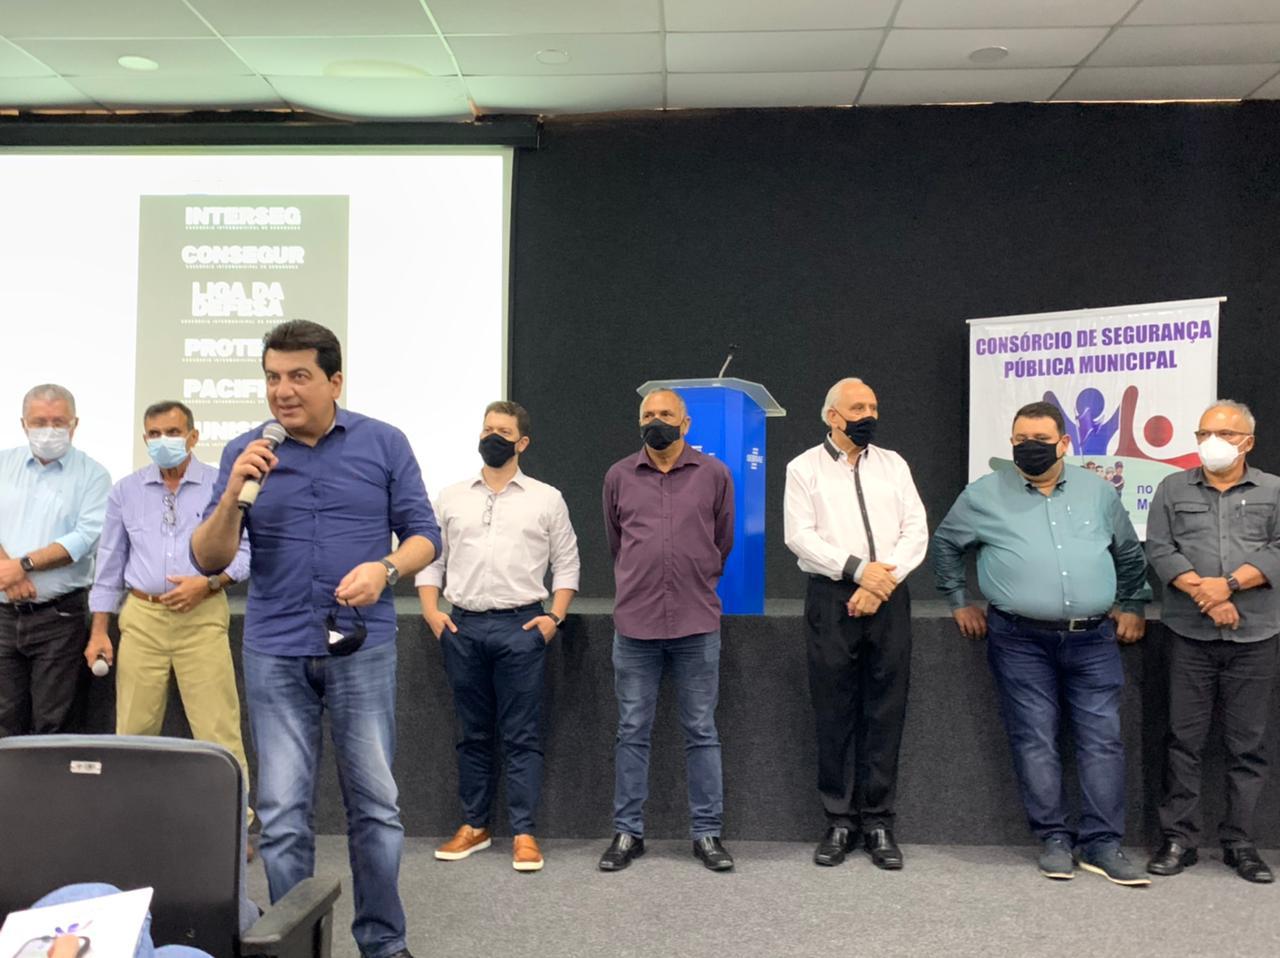 WhatsApp Image 2021 07 10 at 09.43.42 - Prefeitos discutem implantação de Consórcio Intermunicipal de Segurança na Paraíba